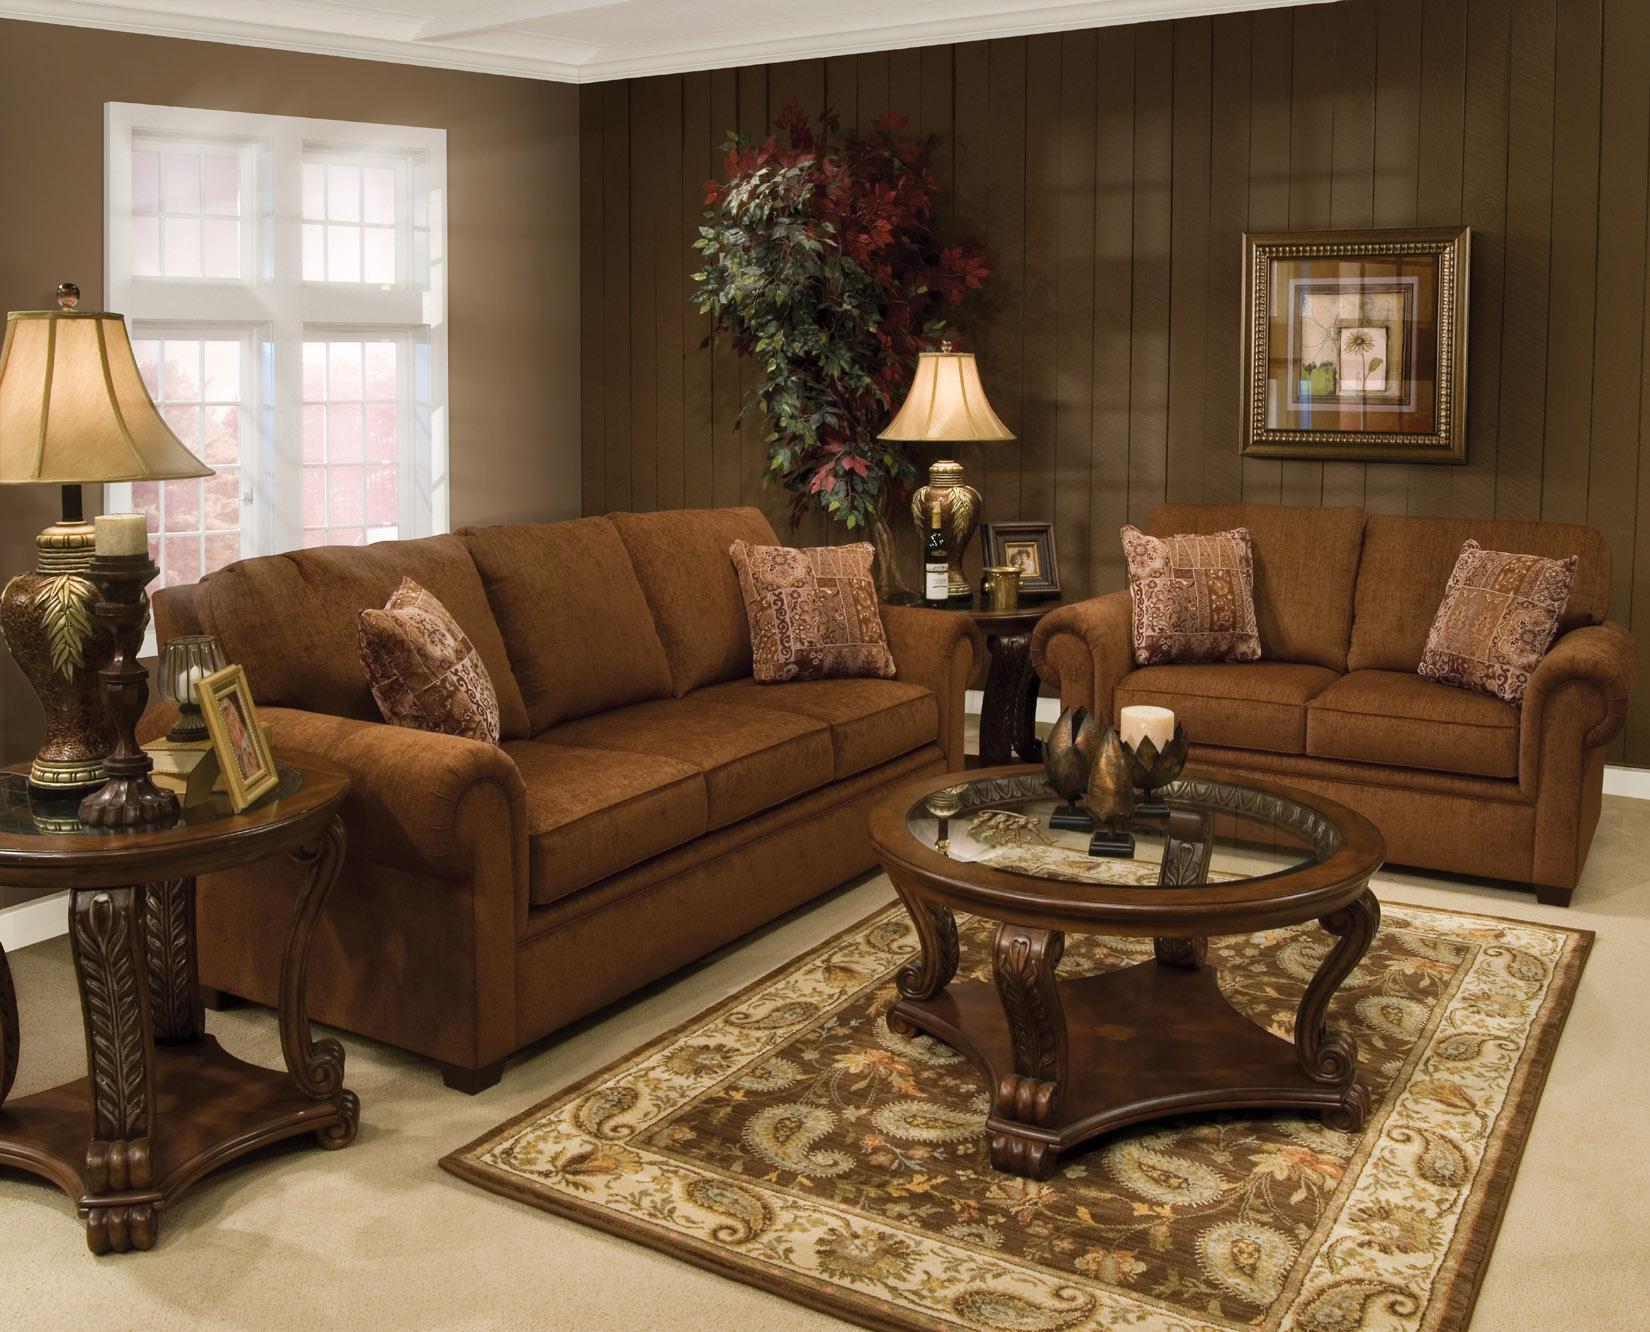 England Brett Visco Mattress Queen Size Sleeper Sofa With